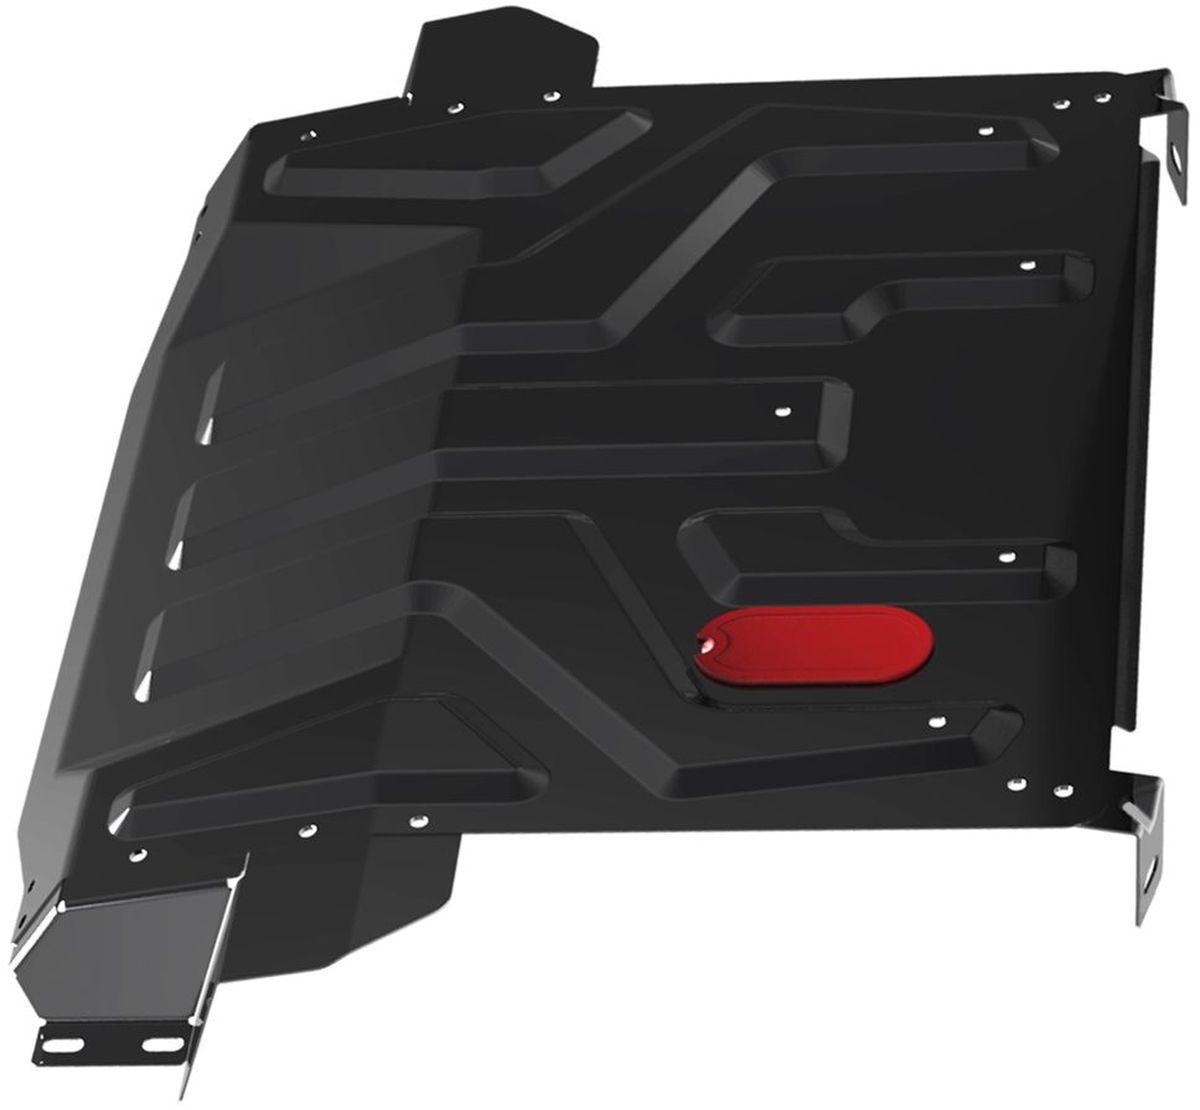 Защита картера и КПП Автоброня, для Lada 2110/2170 Priora. 111.06019.1111.06019.1Технологически совершенный продукт за невысокую стоимость.Защита разработана с учетом особенностей днища автомобиля, что позволяет сохранить дорожный просвет с минимальным изменением.Защита устанавливается в штатные места кузова автомобиля. Глубокий штамп обеспечивает до двух раз больше жесткости в сравнении с обычной защитой той же толщины. Проштампованные ребра жесткости препятствуют деформации защиты при ударах.Тепловой зазор и вентиляционные отверстия обеспечивают сохранение температурного режима двигателя в норме. Скрытый крепеж предотвращает срыв крепежных элементов при наезде на препятствие.Шумопоглощающие резиновые элементы обеспечивают комфортную езду без вибраций и скрежета металла, а съемные лючки для слива масла и замены фильтра - экономию средств и времени.Конструкция изделия не влияет на пассивную безопасность автомобиля (при ударе защита не воздействует на деформационные зоны кузова).Толщина стали: 2 мм.В комплекте набор крепежа.